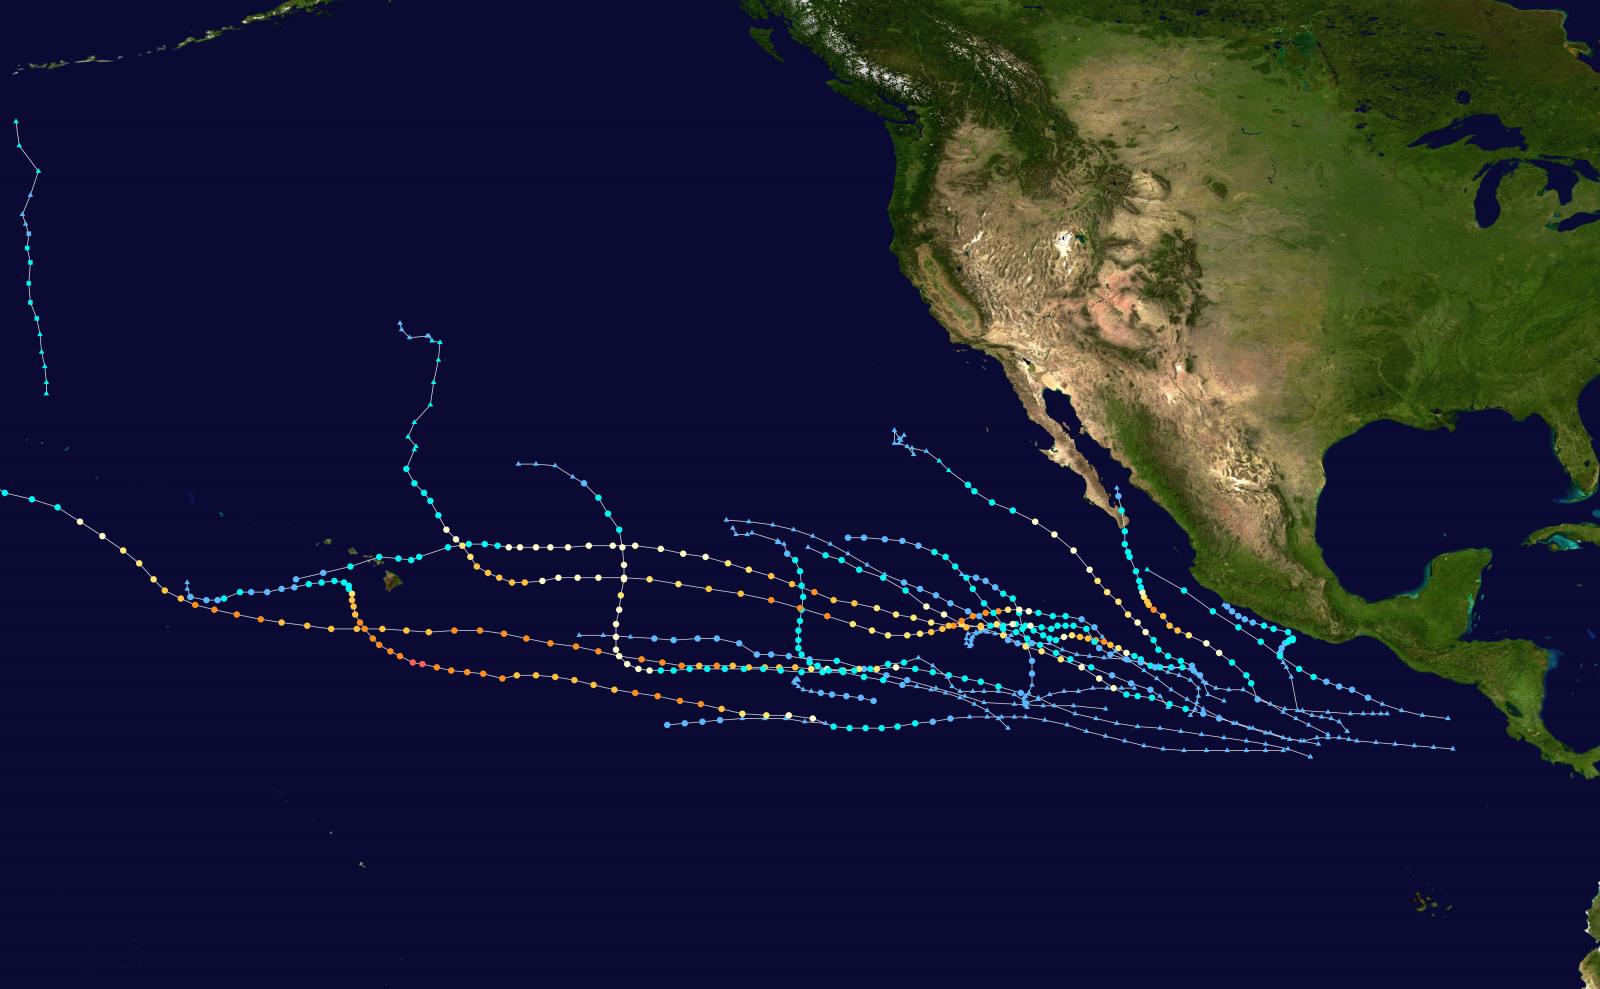 Image d'illustration pour Saison cyclonique 2018 : activité remarquable sur le bassin Pacifique